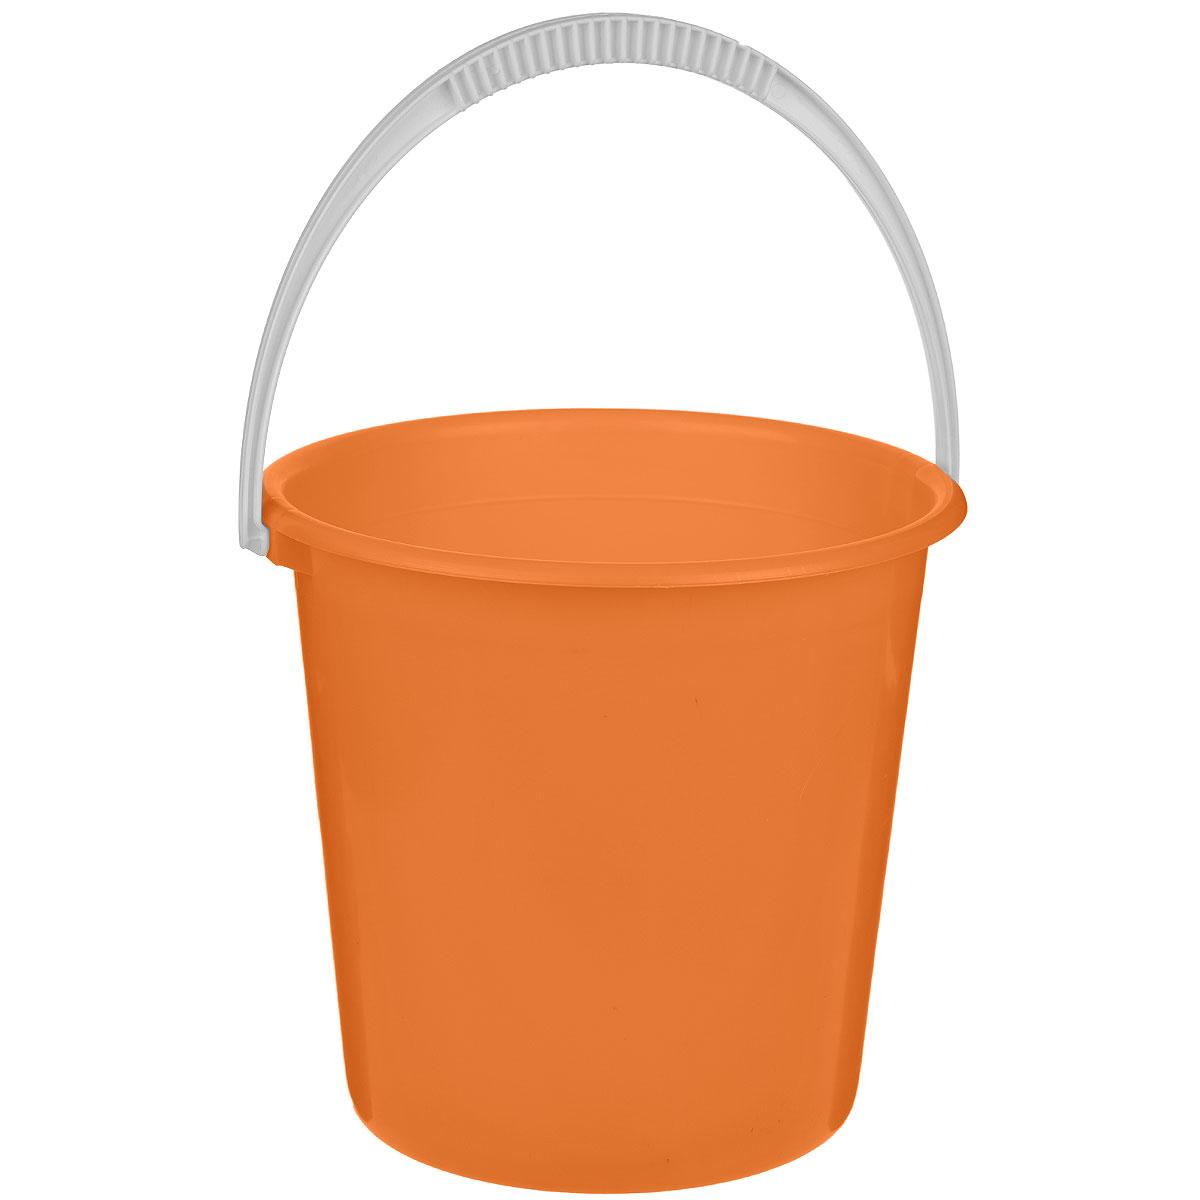 Ведро Альтернатива Крепыш, цвет: оранжевый, 10 лК117Ведро Альтернатива Крепыш изготовлено из высококачественного одноцветного пластика. Оно легче железного и не подвержено коррозии. Ведро оснащено удобной пластиковой ручкой. Такое ведро станет незаменимым помощником в хозяйстве. Диаметр: 28 см. Высота: 27 см.